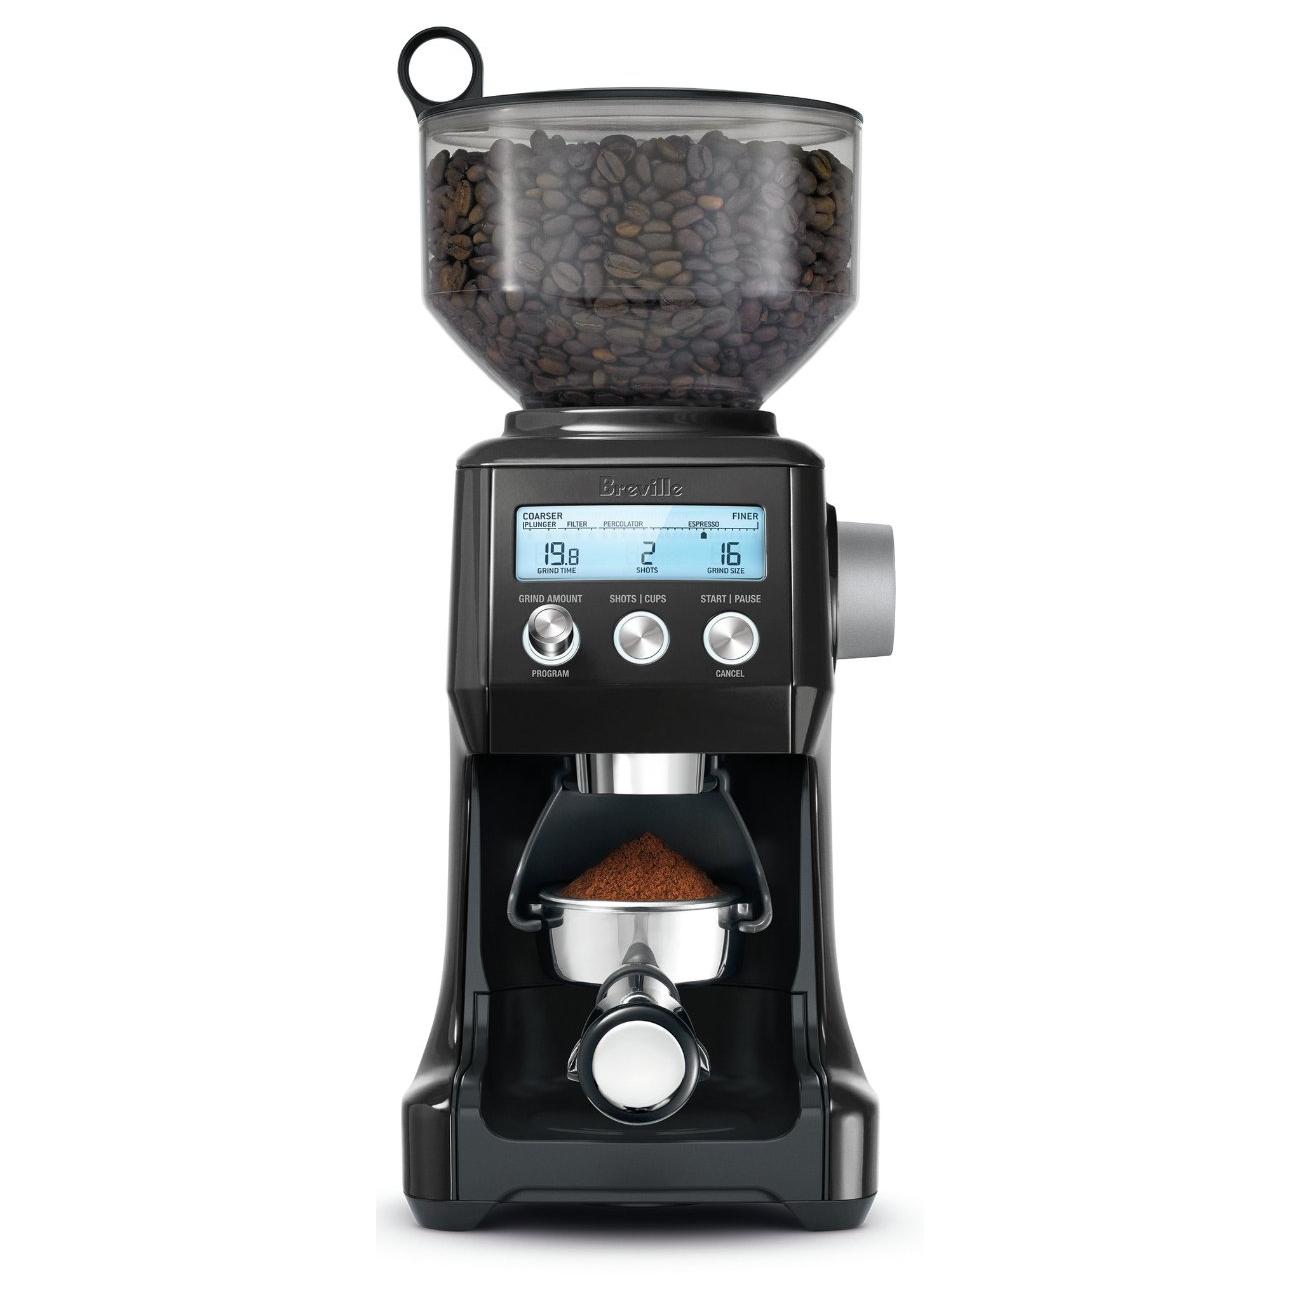 Breville Smart Grinder Pro Black Sesame Die-Cast Metal Conical Burr Coffee Grinder